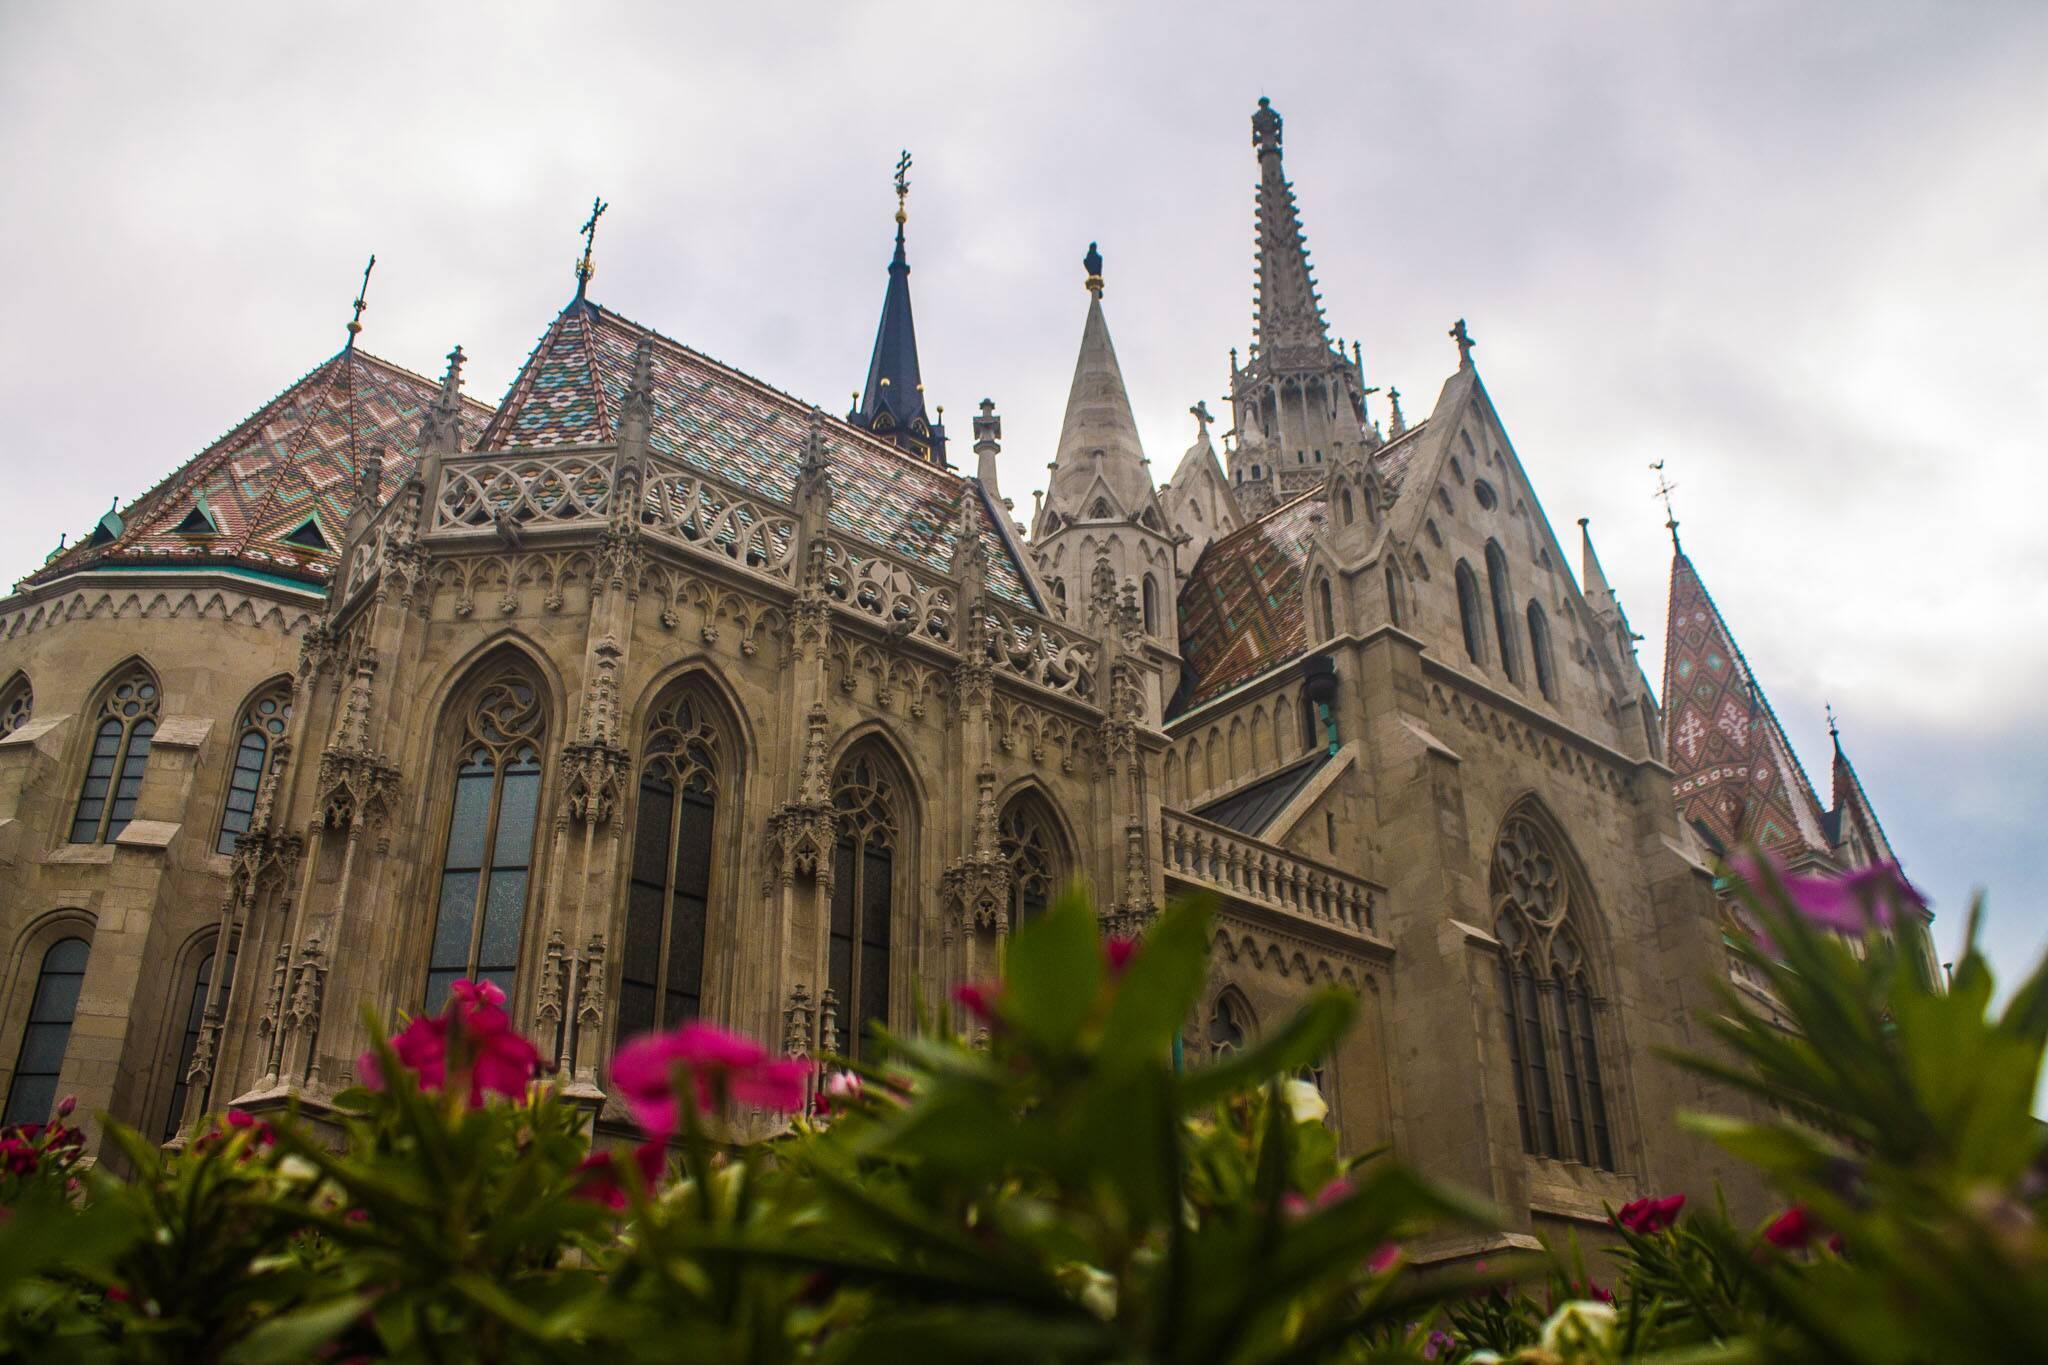 A linda Igreja de Matthias (Matthias Church) em Budapeste | Foto: Bruno/@naproadavida - O que fazer em Budapeste de graça